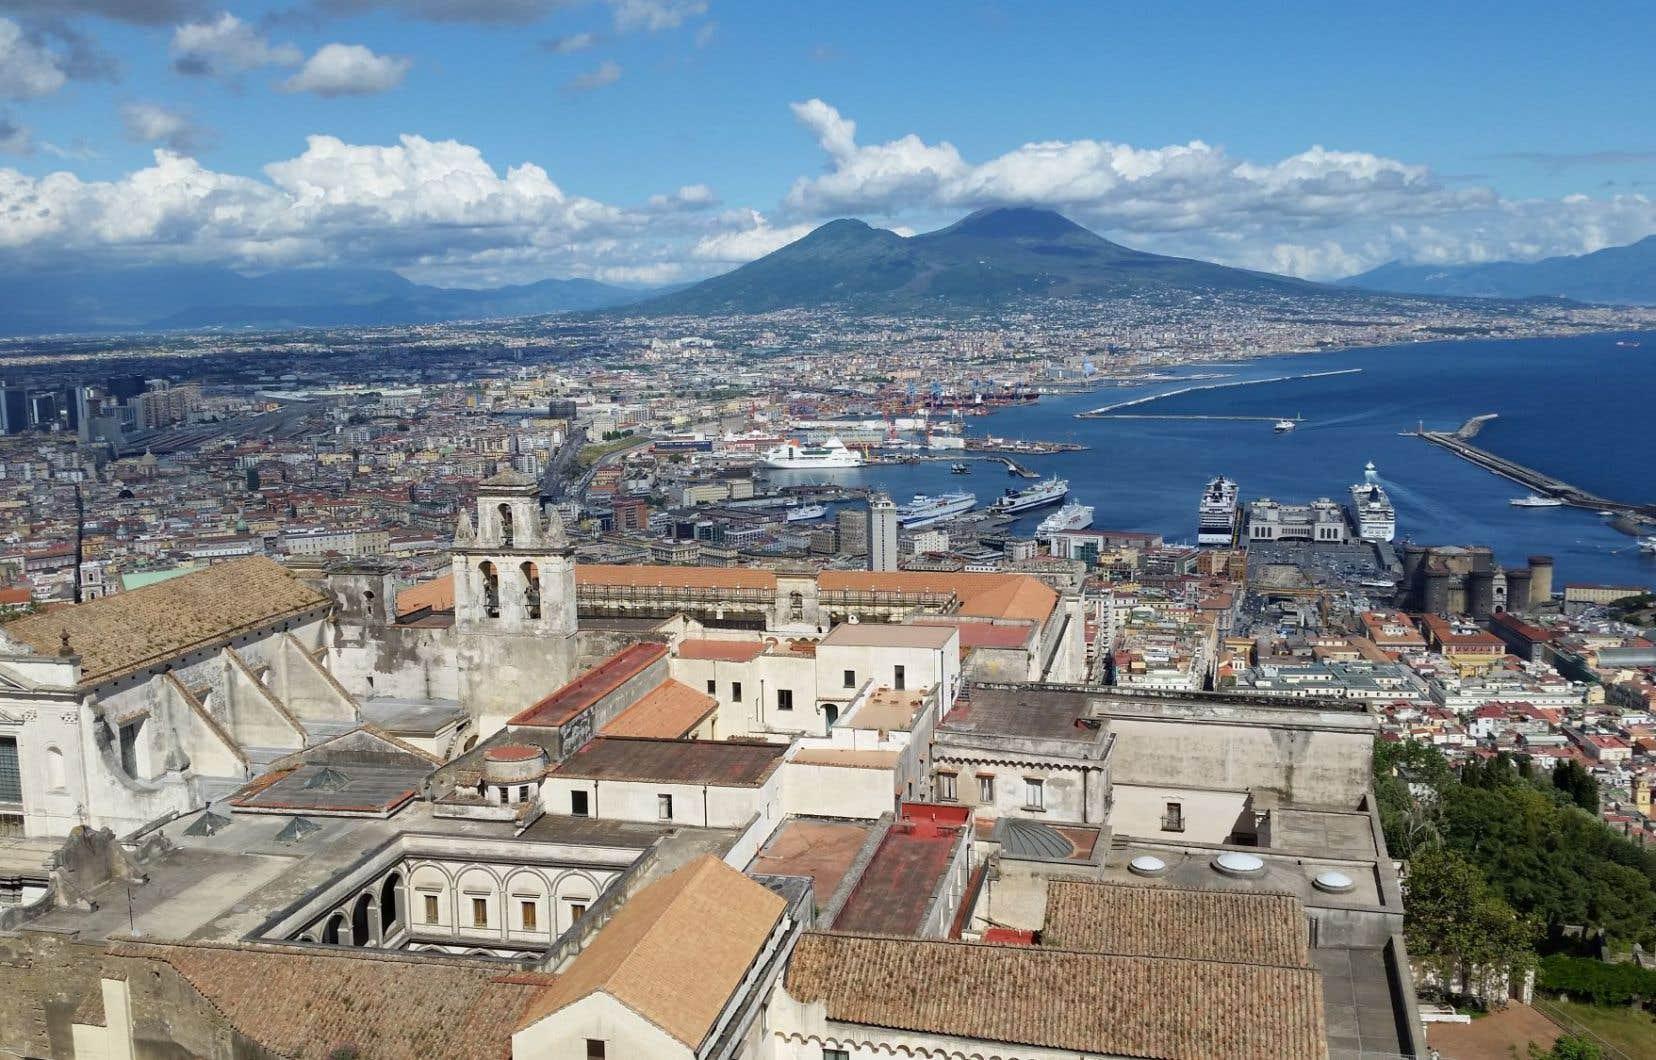 La baie de Naples, en Italie, avec le Vésuve en arrière-plan